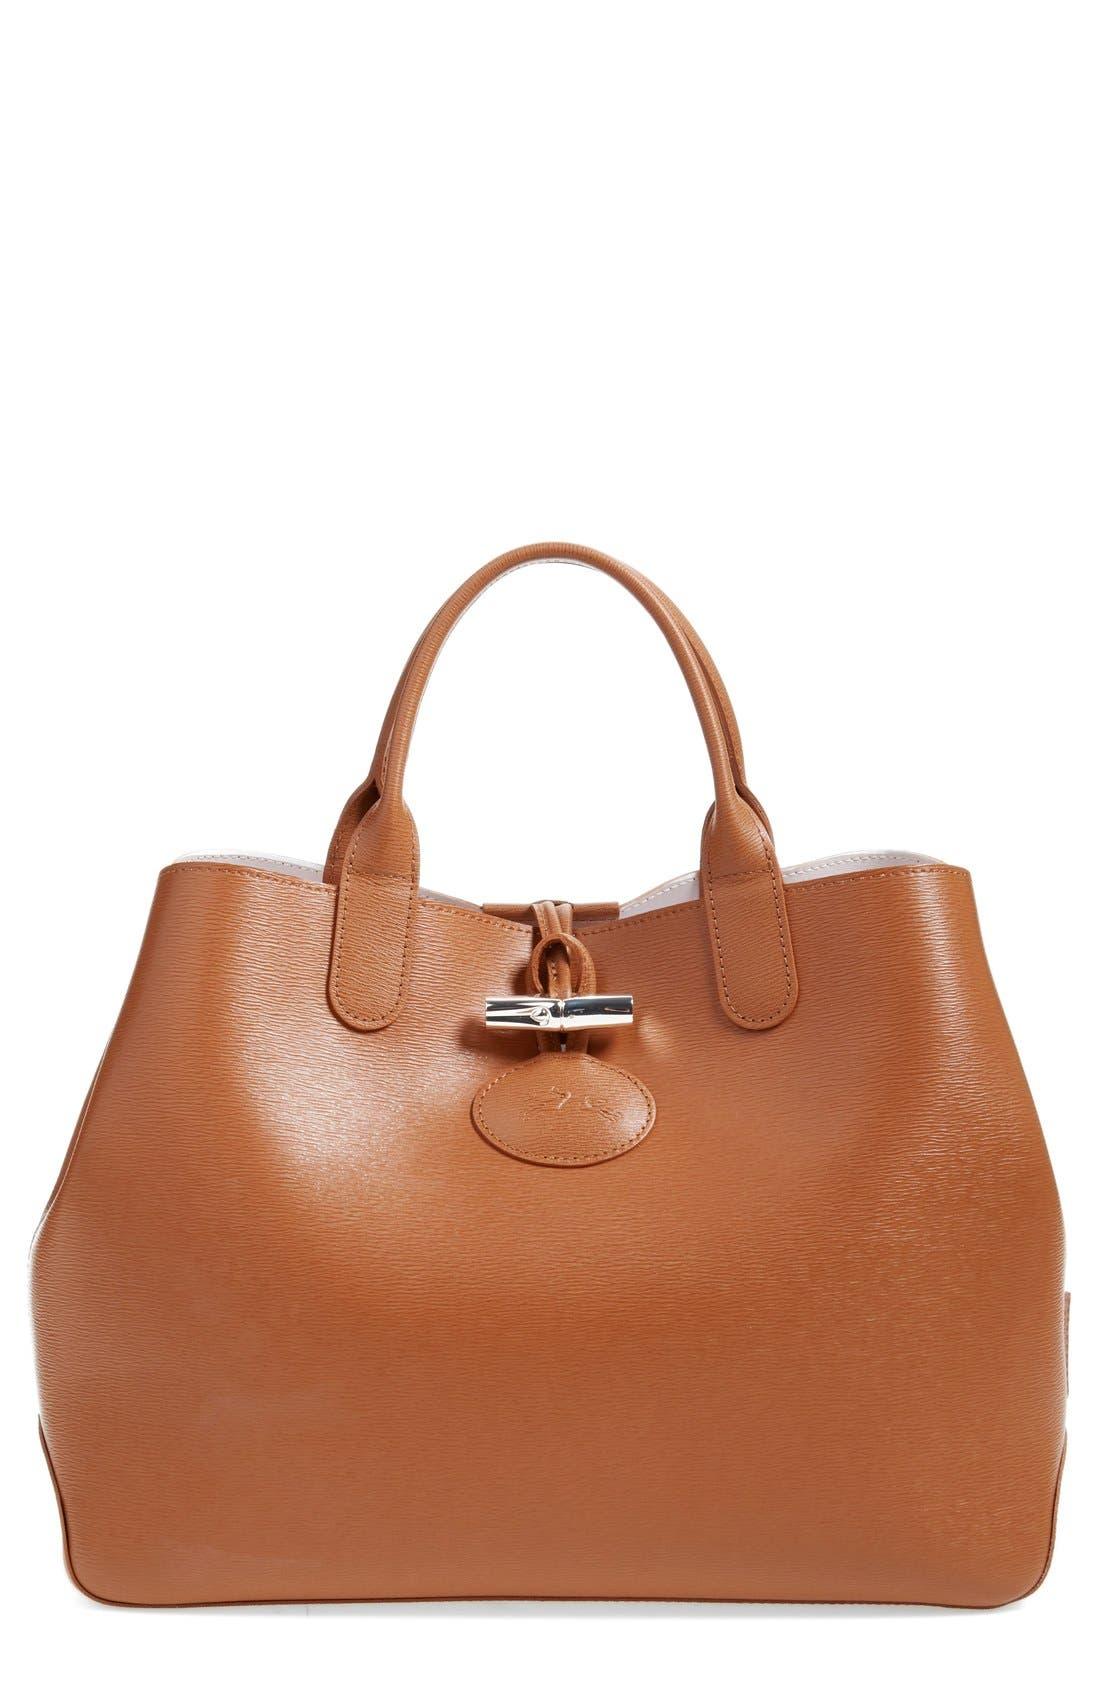 Main Image - Longchamp 'Roseau' Reversible Tote